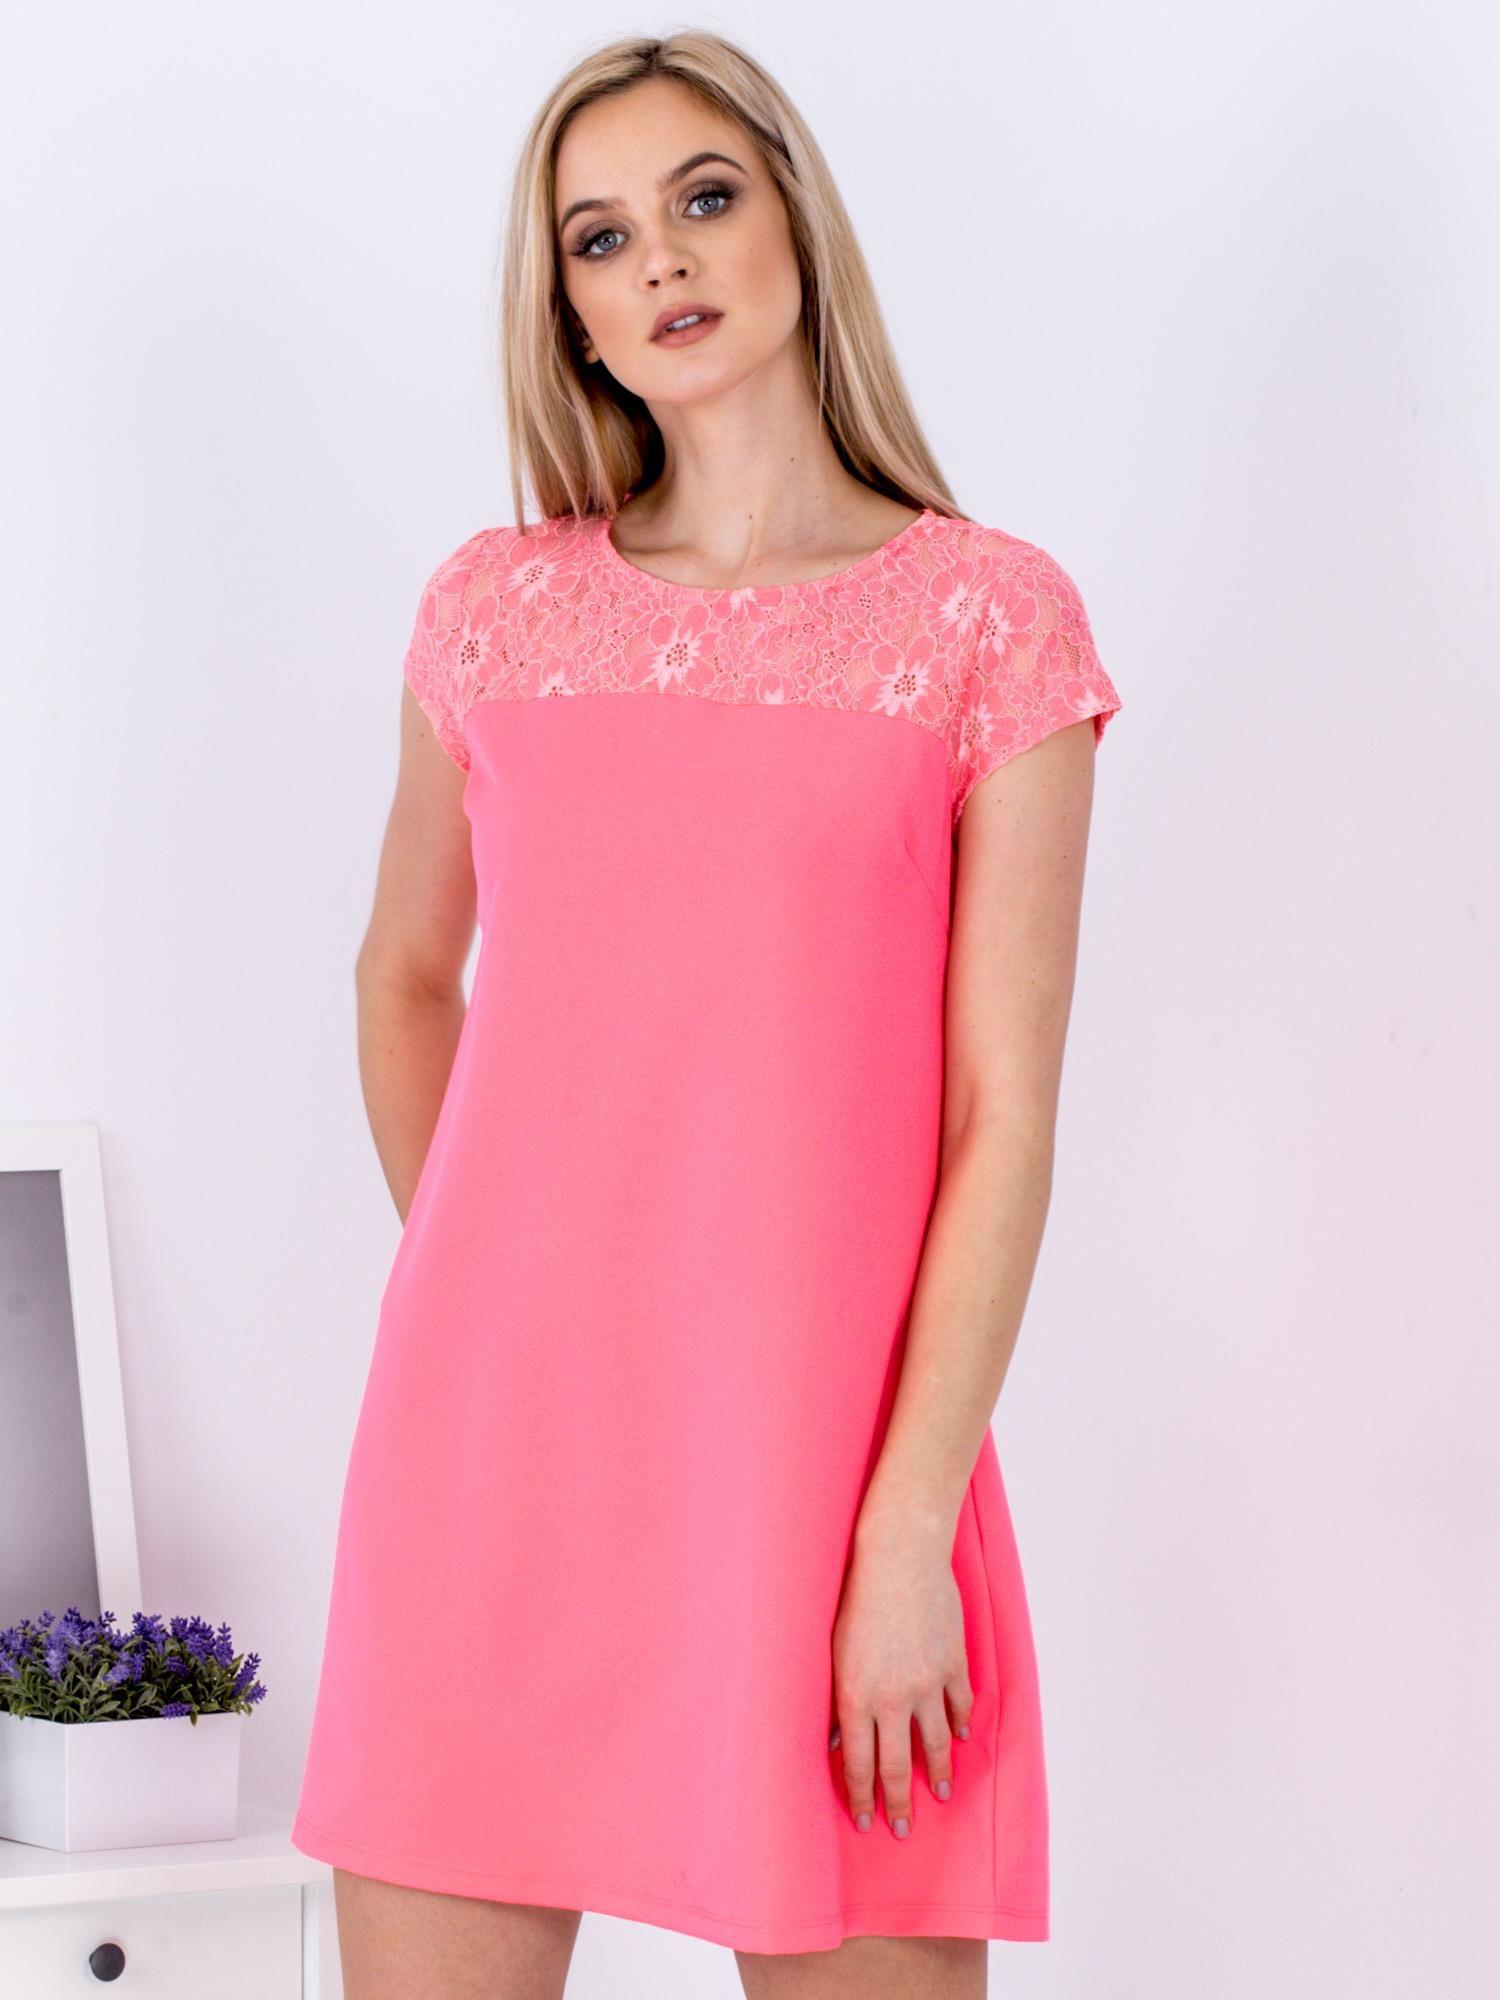 ba692d4d6a Fluo różowa trapezowa sukienka z koronkową górą - Sukienka ...